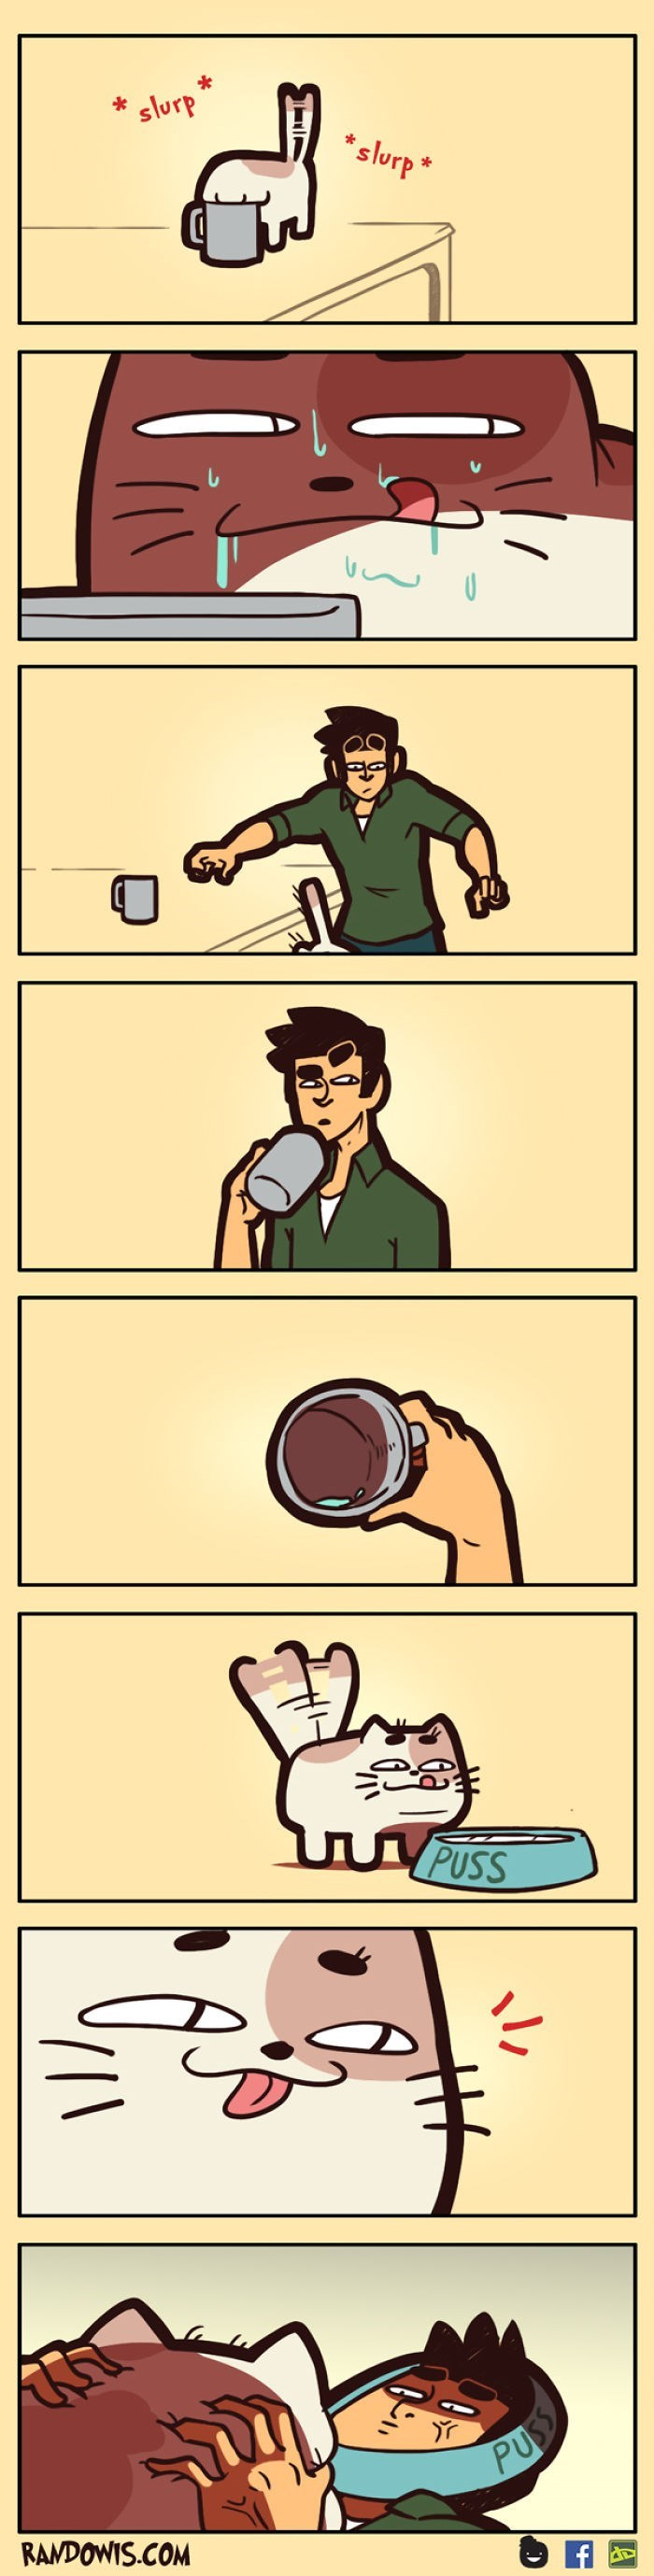 Cartoon - slurp *slurp JUAPUSS PU RANDOWIS.COM